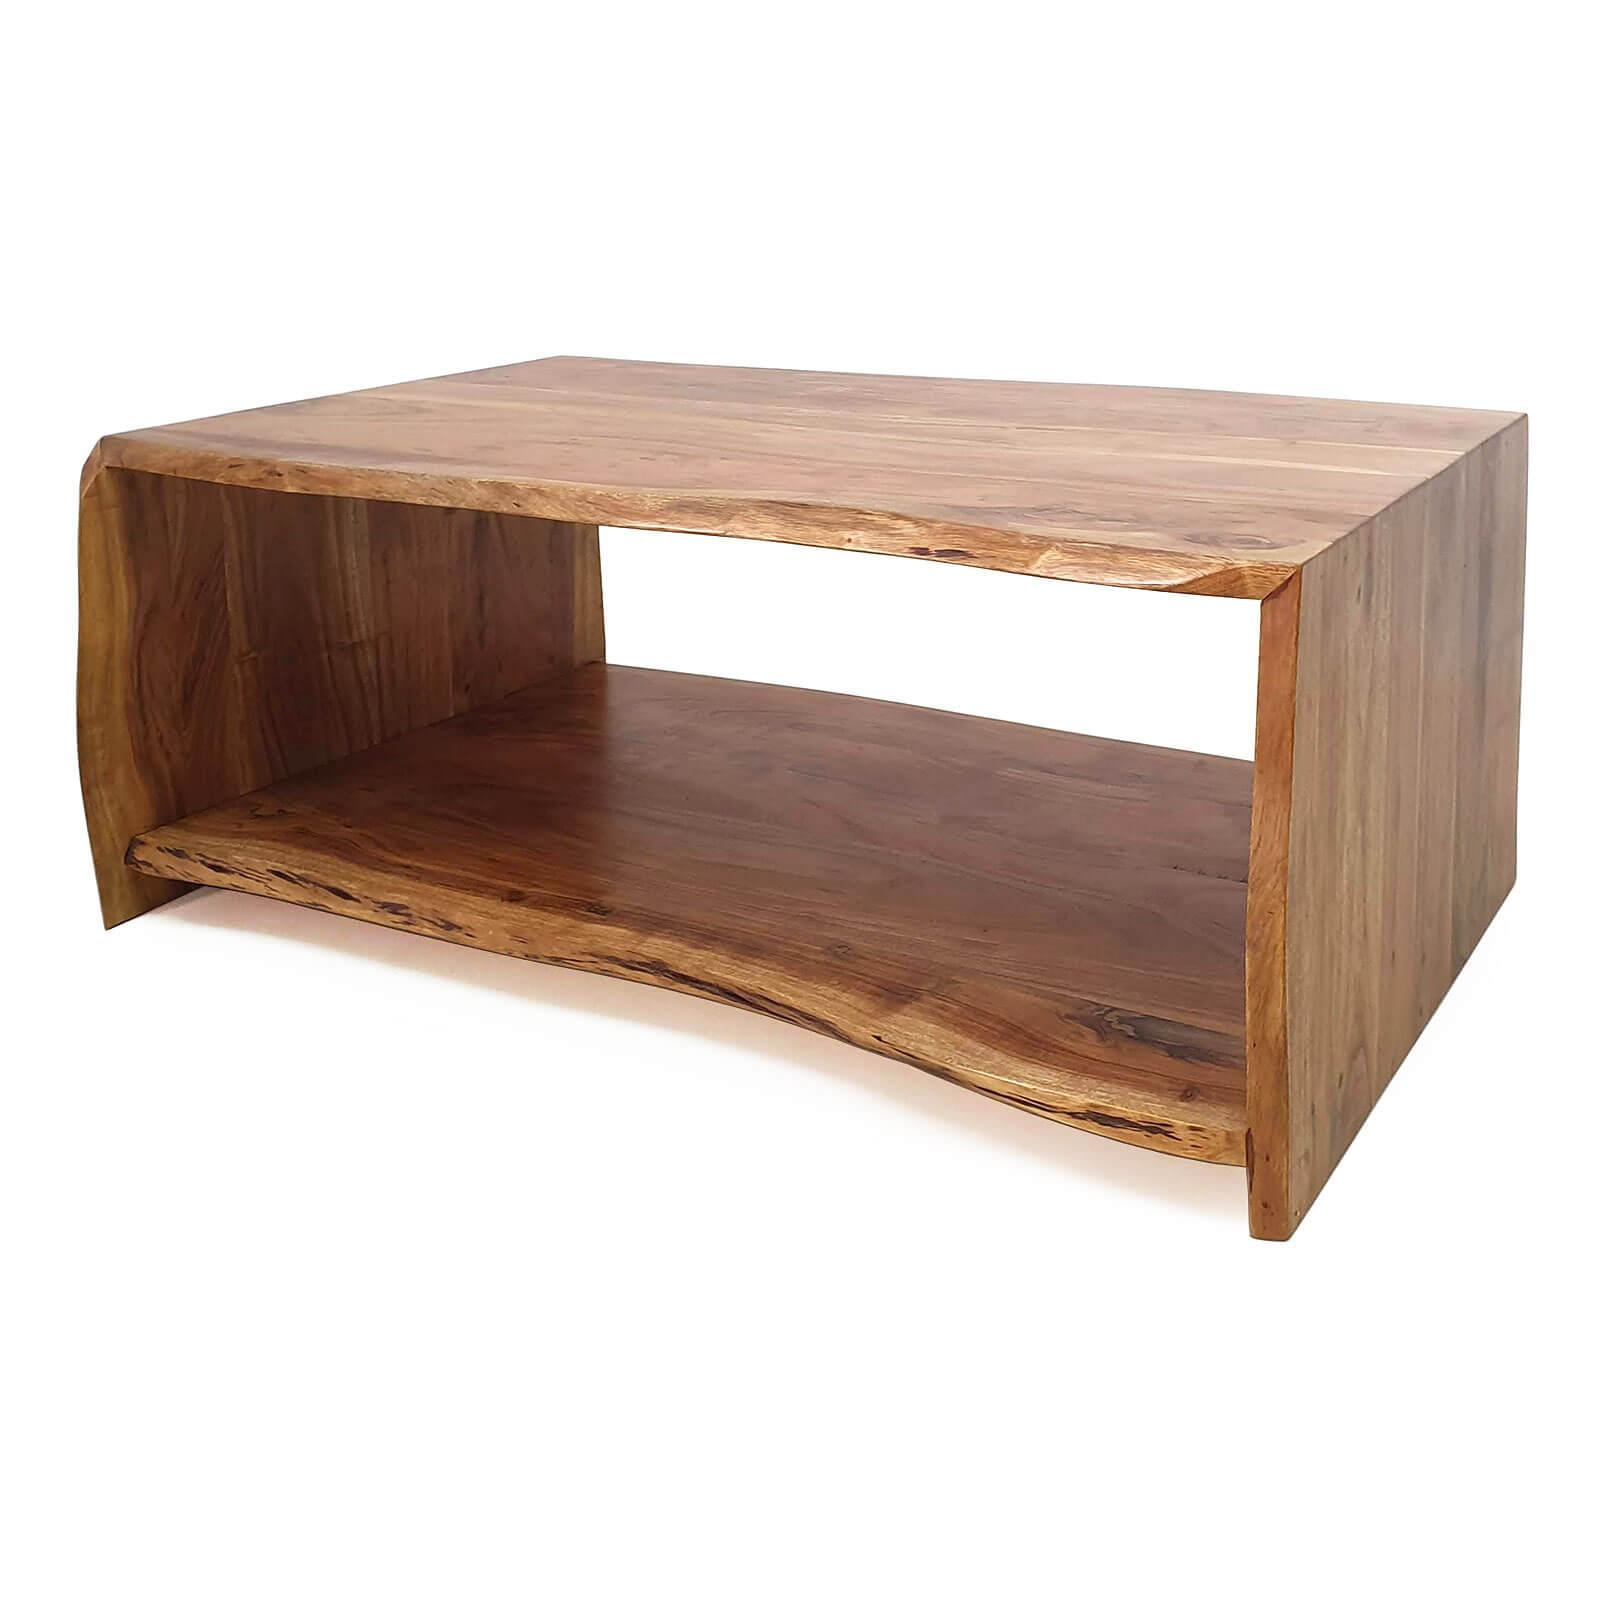 couchtisch-edge-akazie-massivholz-110-x-65-cm